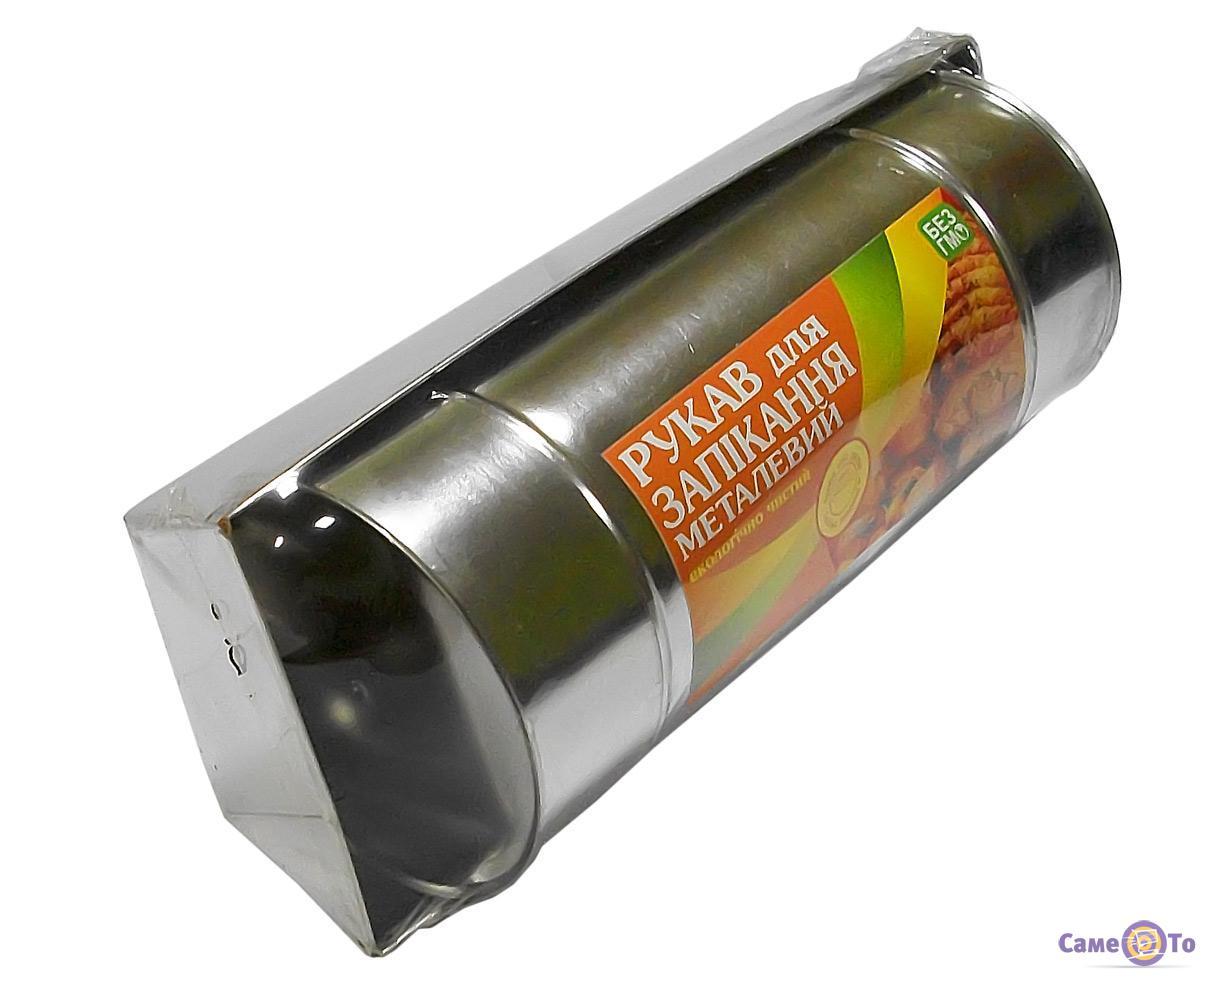 Рукав для запекания металлический из нержавейки с противнем